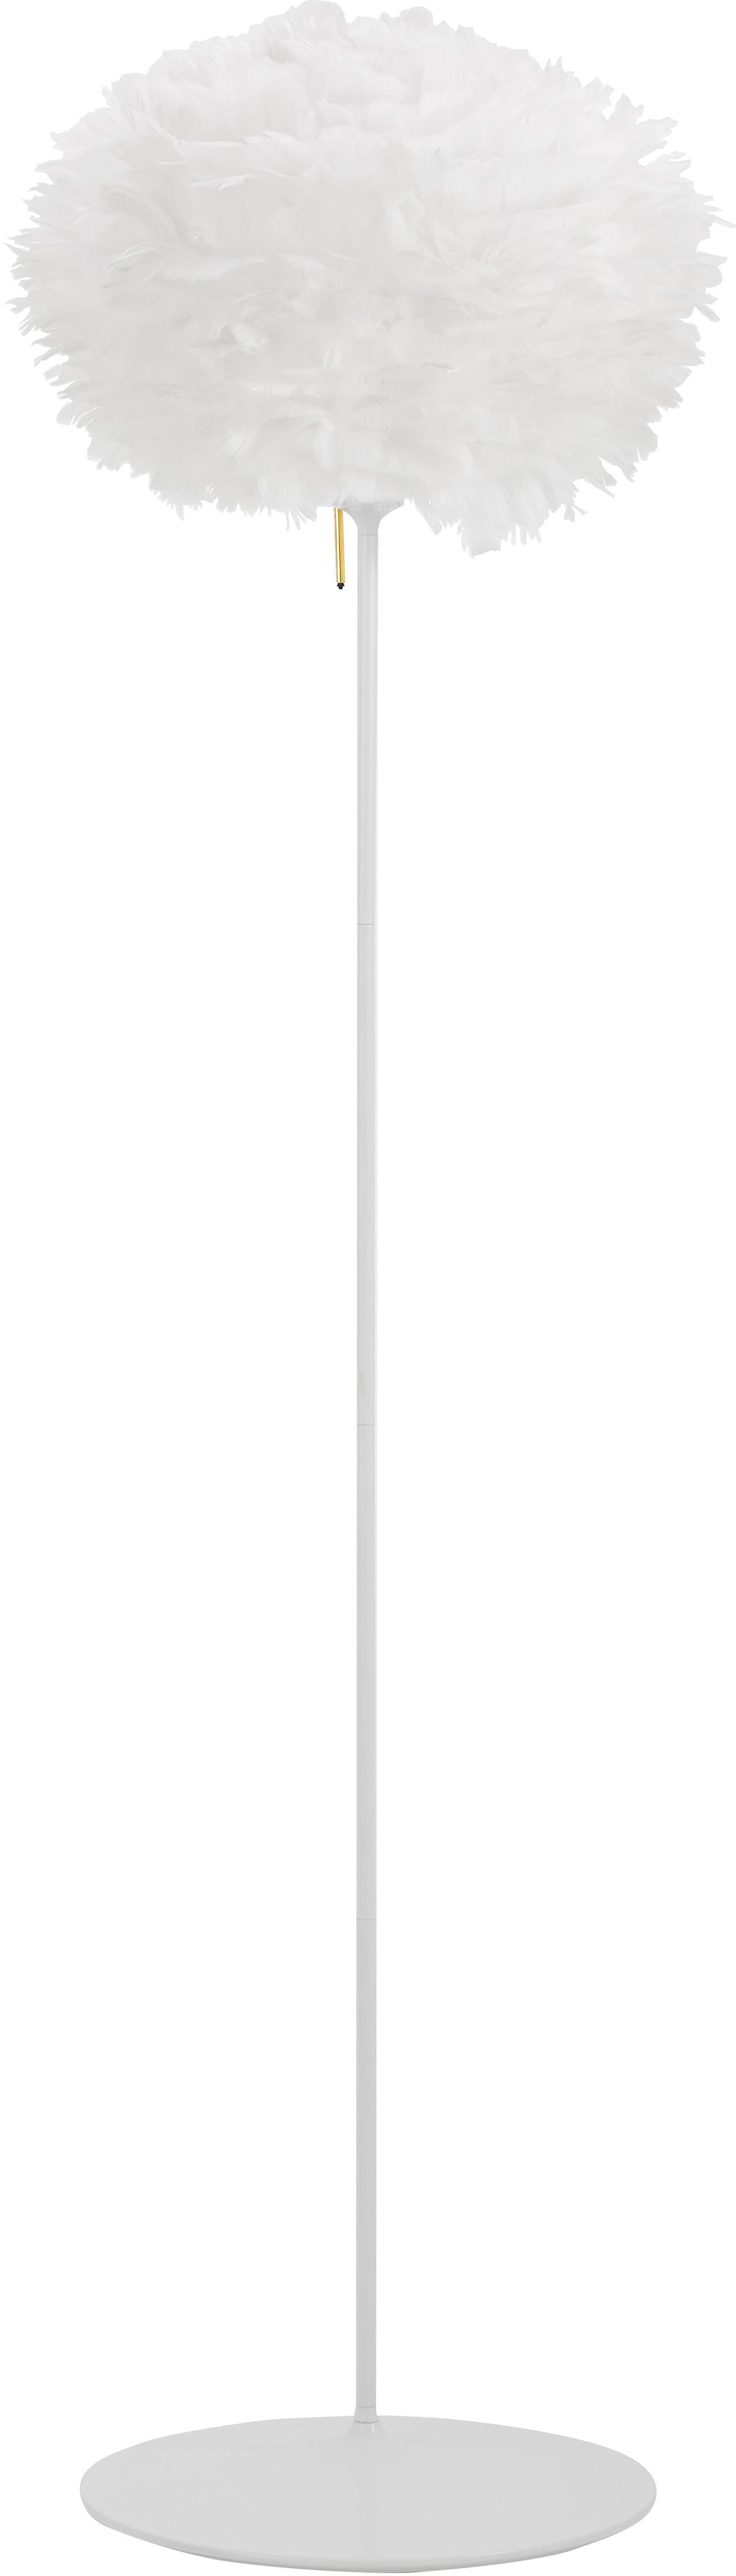 Stehlampe Eos aus Federn, Lampenschirm: Gänsefedern, Gestell: Aluminium, lackiert, Lampenfuß: Stahl, lackiert, Weiß, Ø 45 x H 170 cm